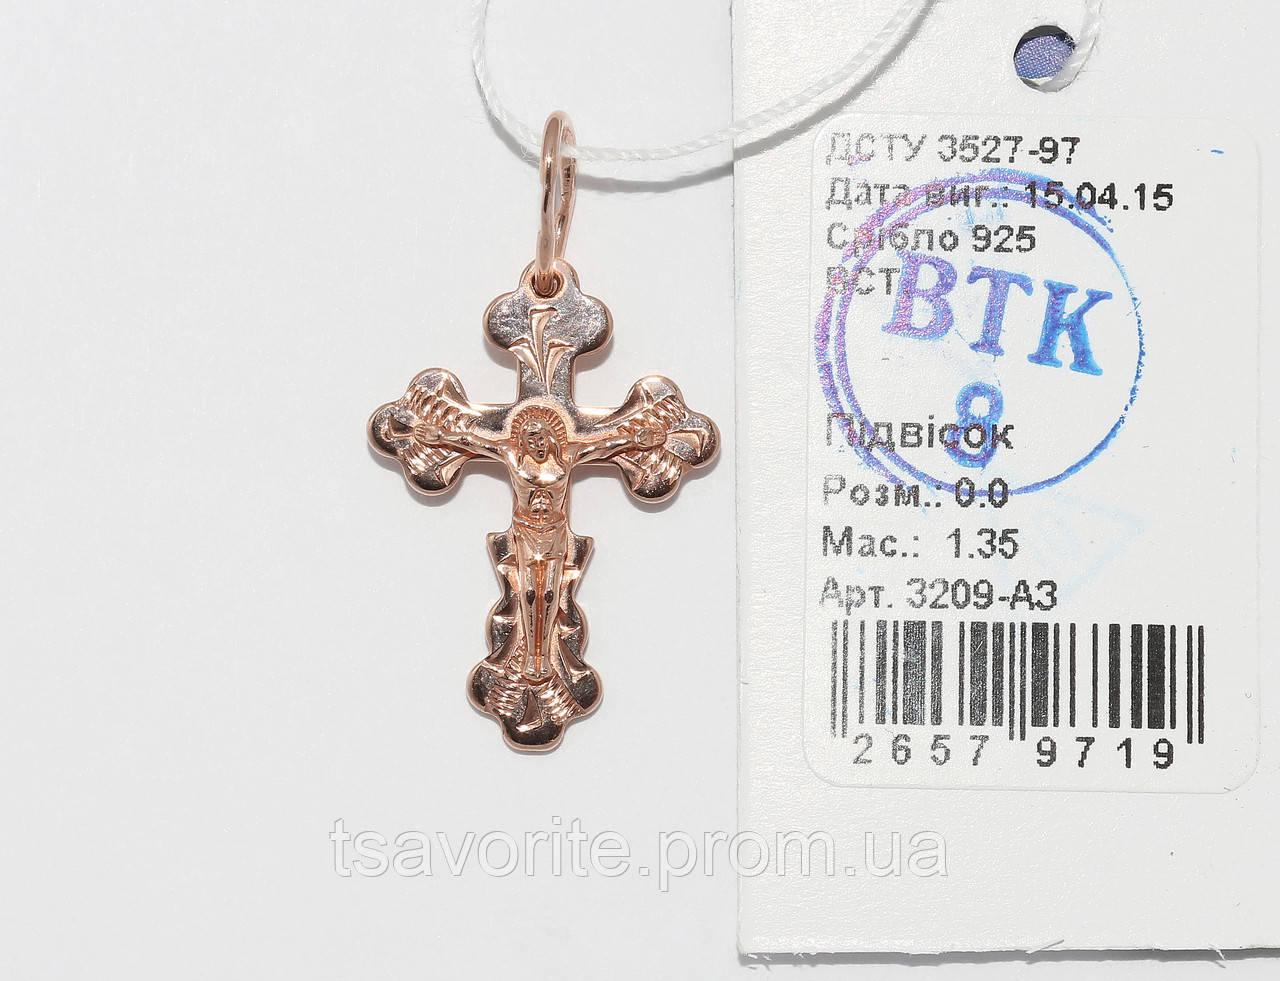 Серебряный крестик с позолотой 3209-АЗ